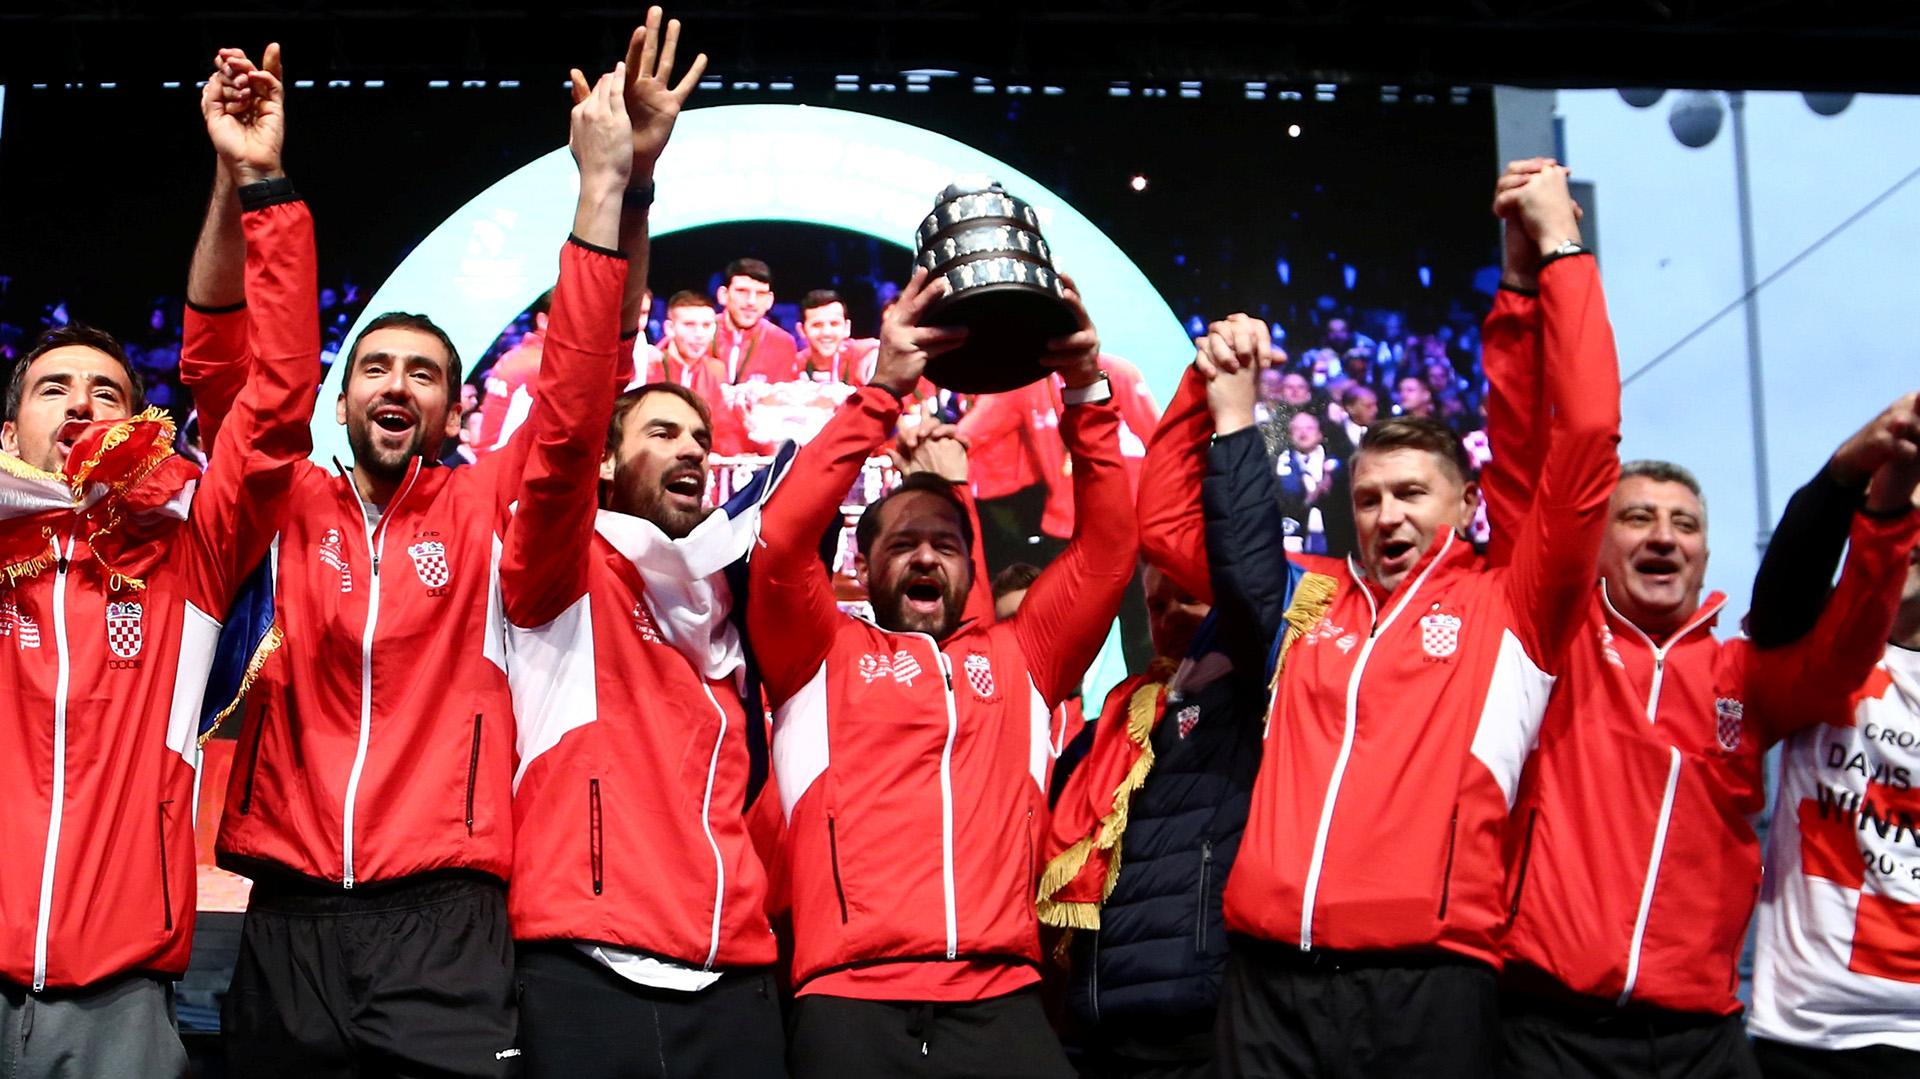 El equipo de tenis croata celebra la obtención de la Copa Davis en Zagreb el 26 de noviembre